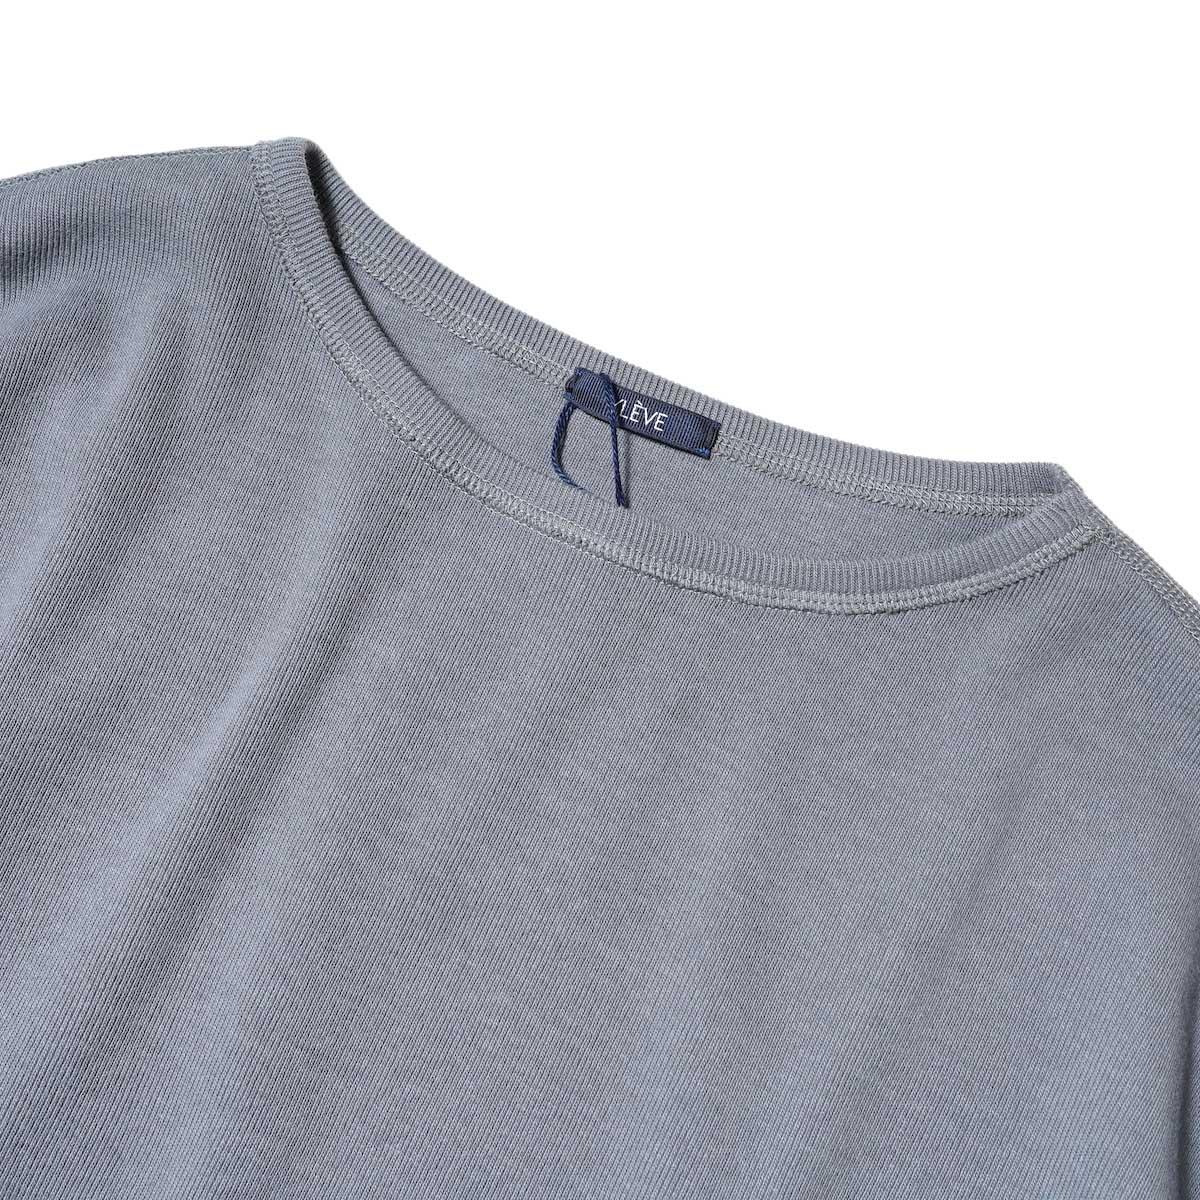 YLEVE / CTN RIB P/O BIG (Grey) ネック